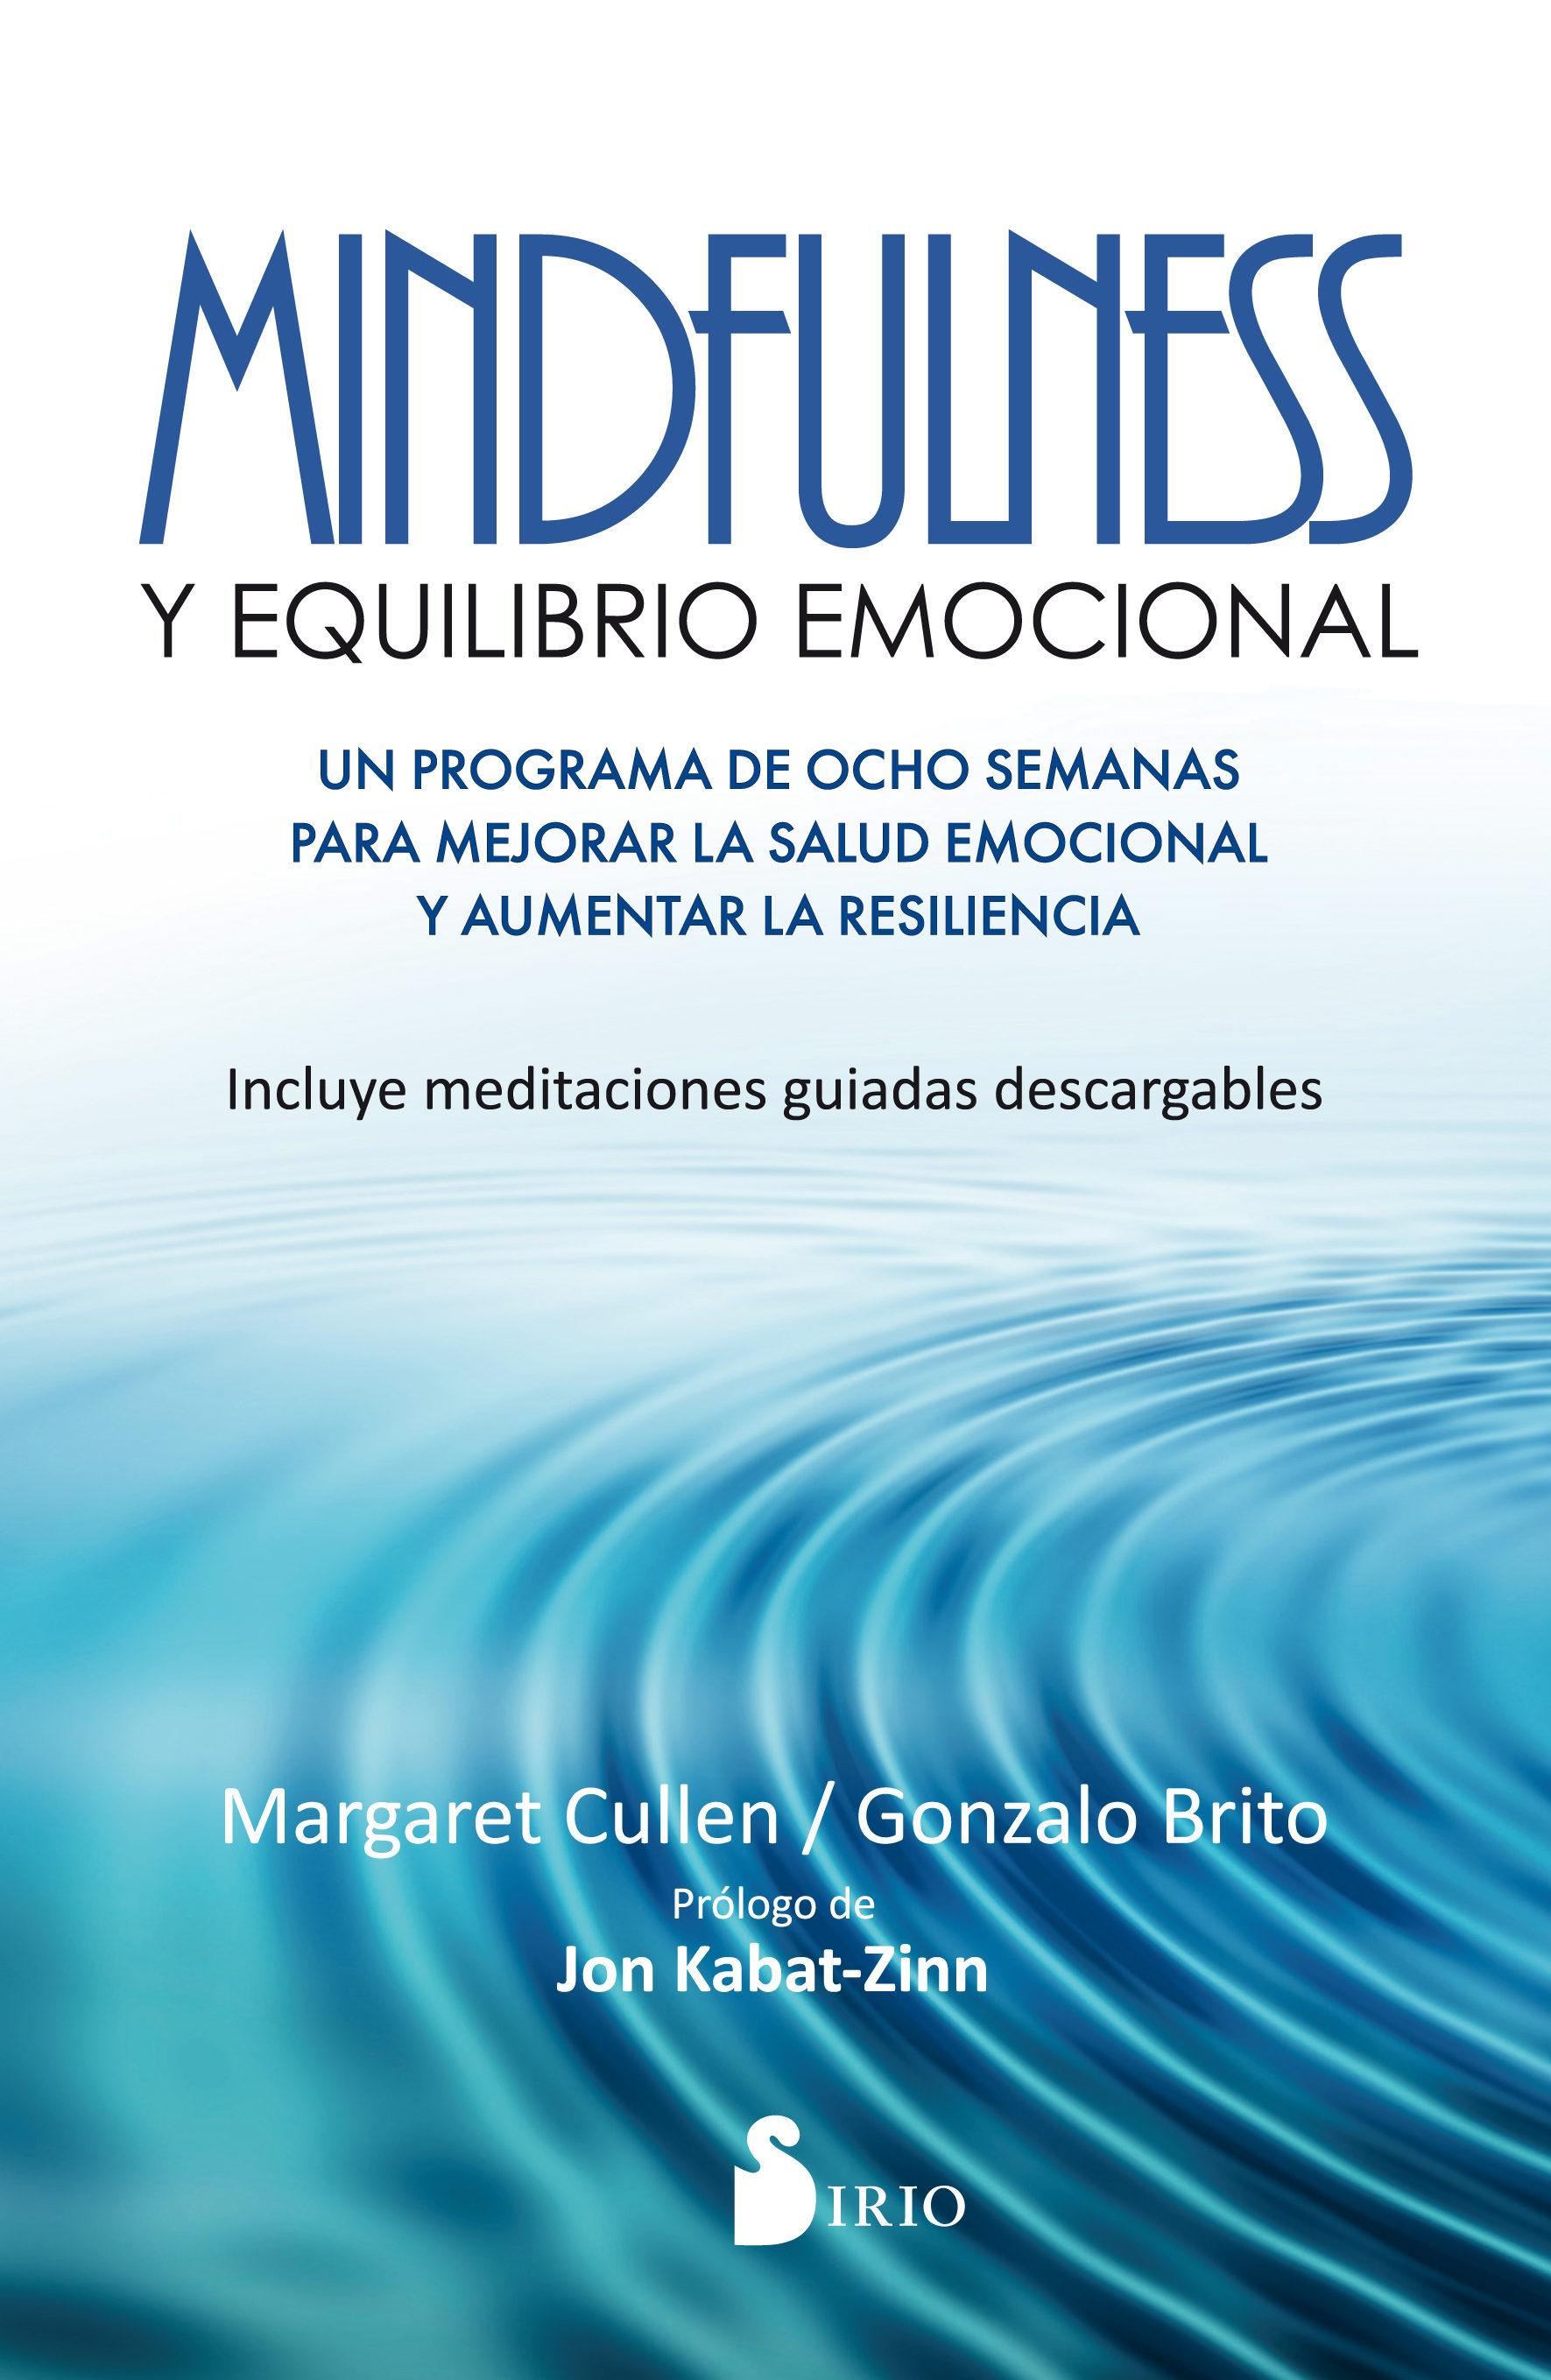 Mindfulness y Equilibrio Emocional - Margaret Cullen - Sirio